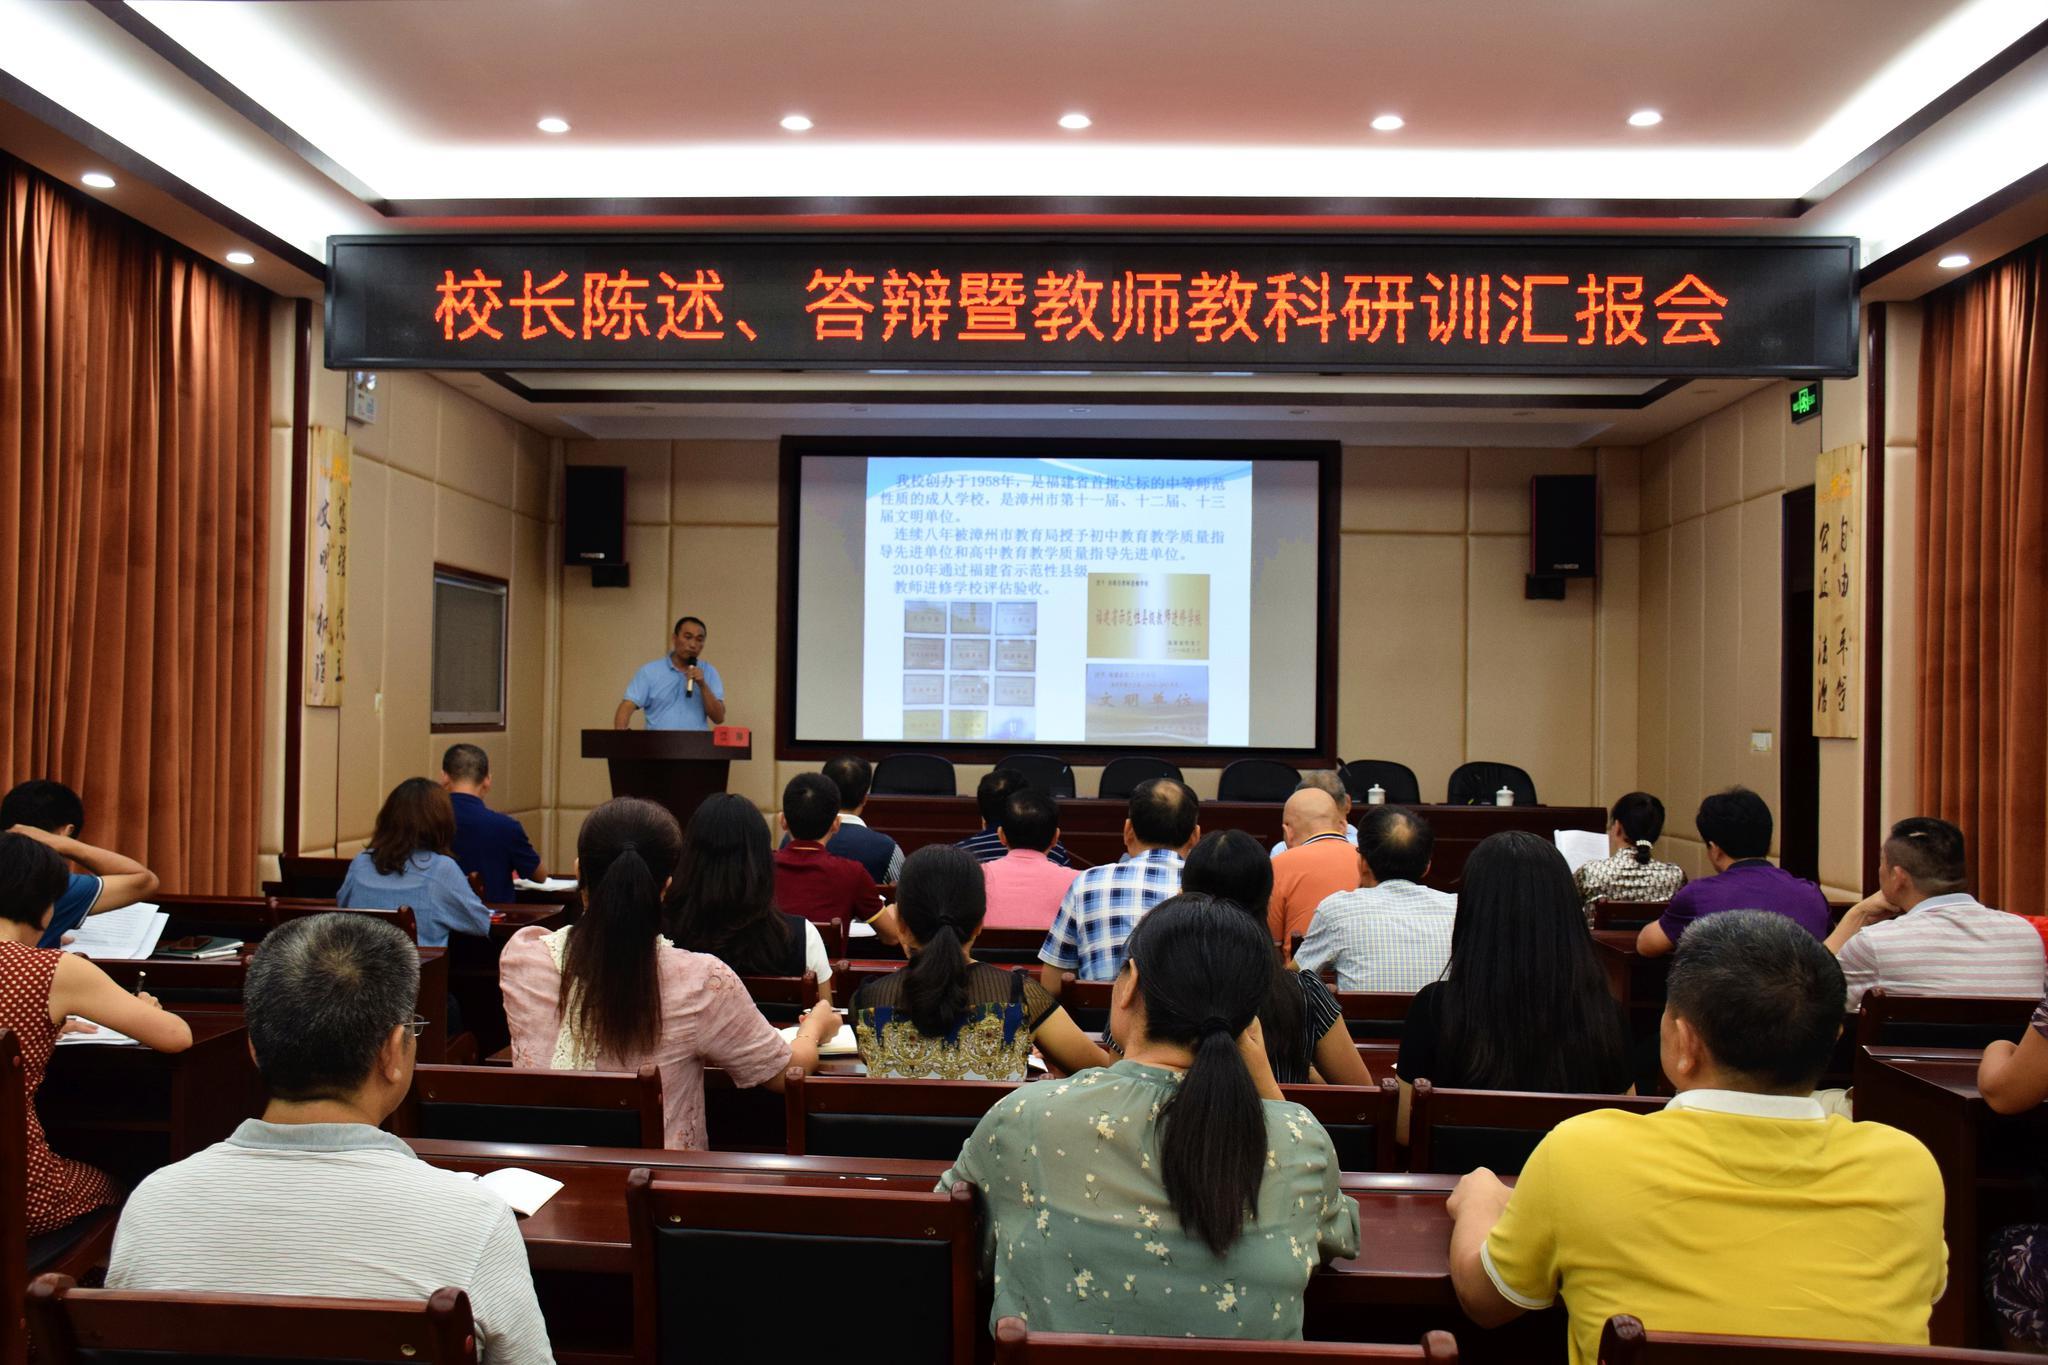 南靖县进修学校标准化建设接受省级评估验收